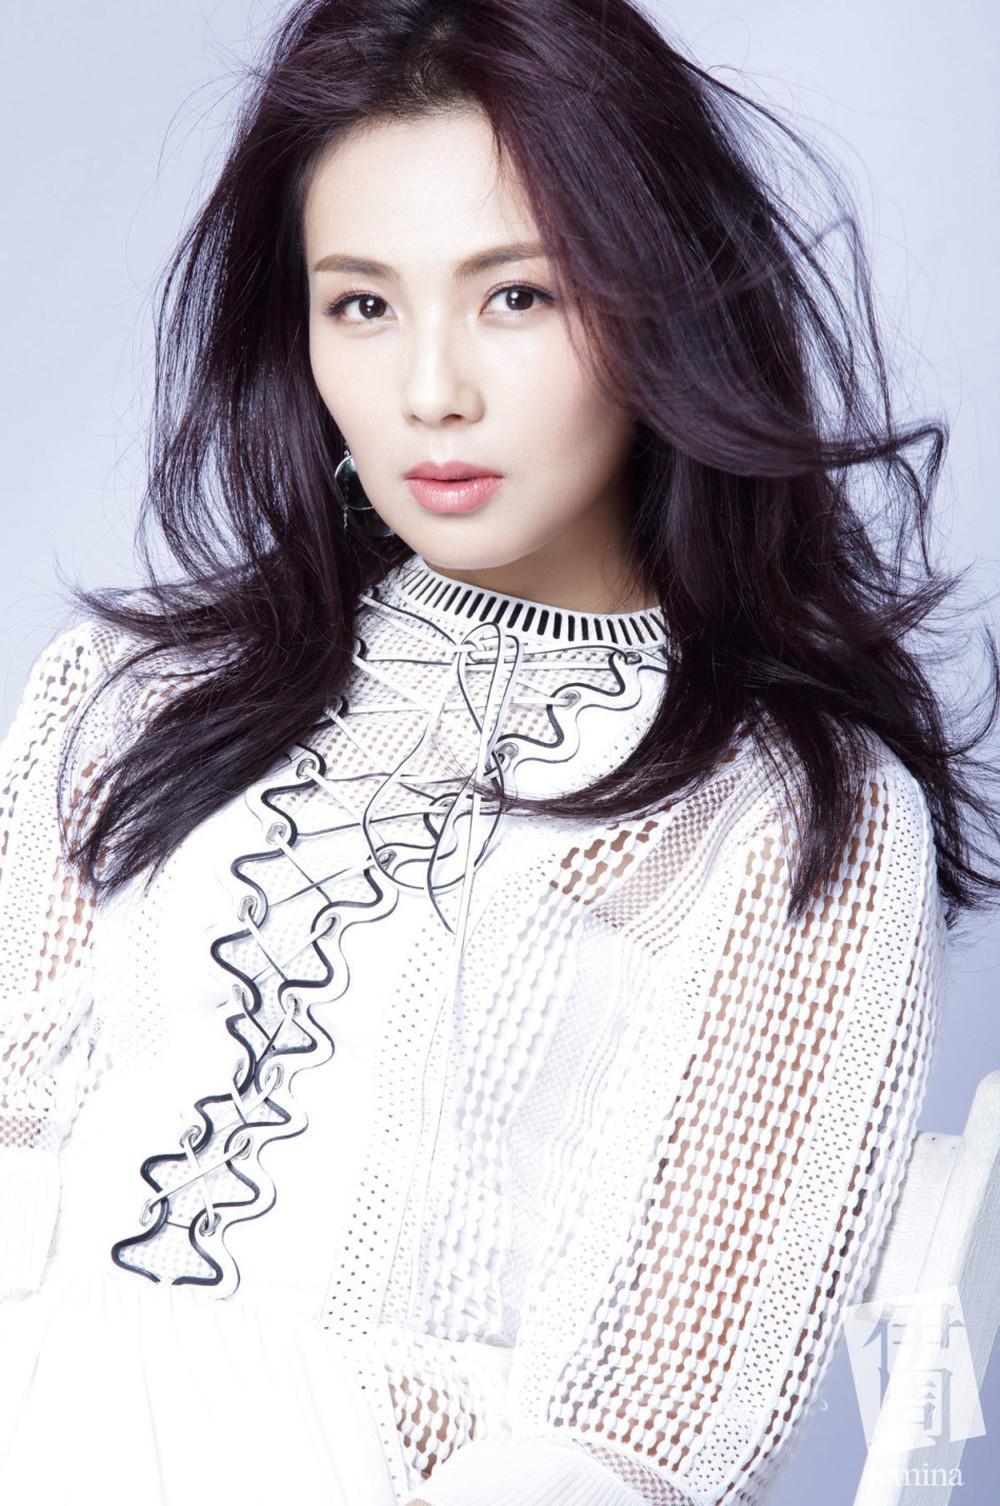 Cuộc sống làm dâu của sao nữ châu Á lấy nhà tài phiệt lừng danh: Đầy thị phi, đáng bội phục nhất là người cuối - Ảnh 15.